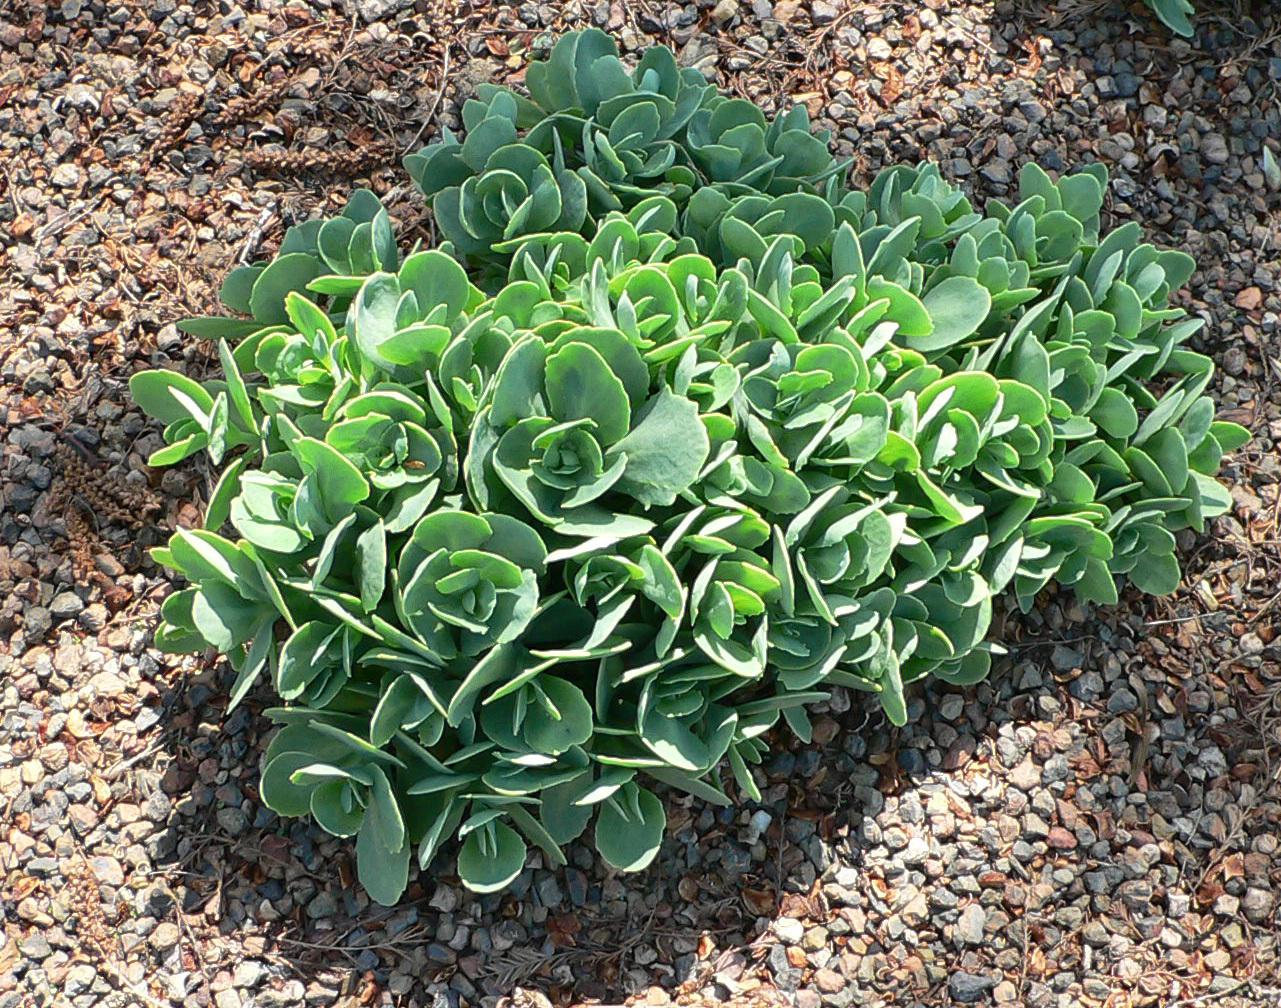 Sedum, Cubiertas vegetales, cubiertas ajardinadas, cubiertas verdes